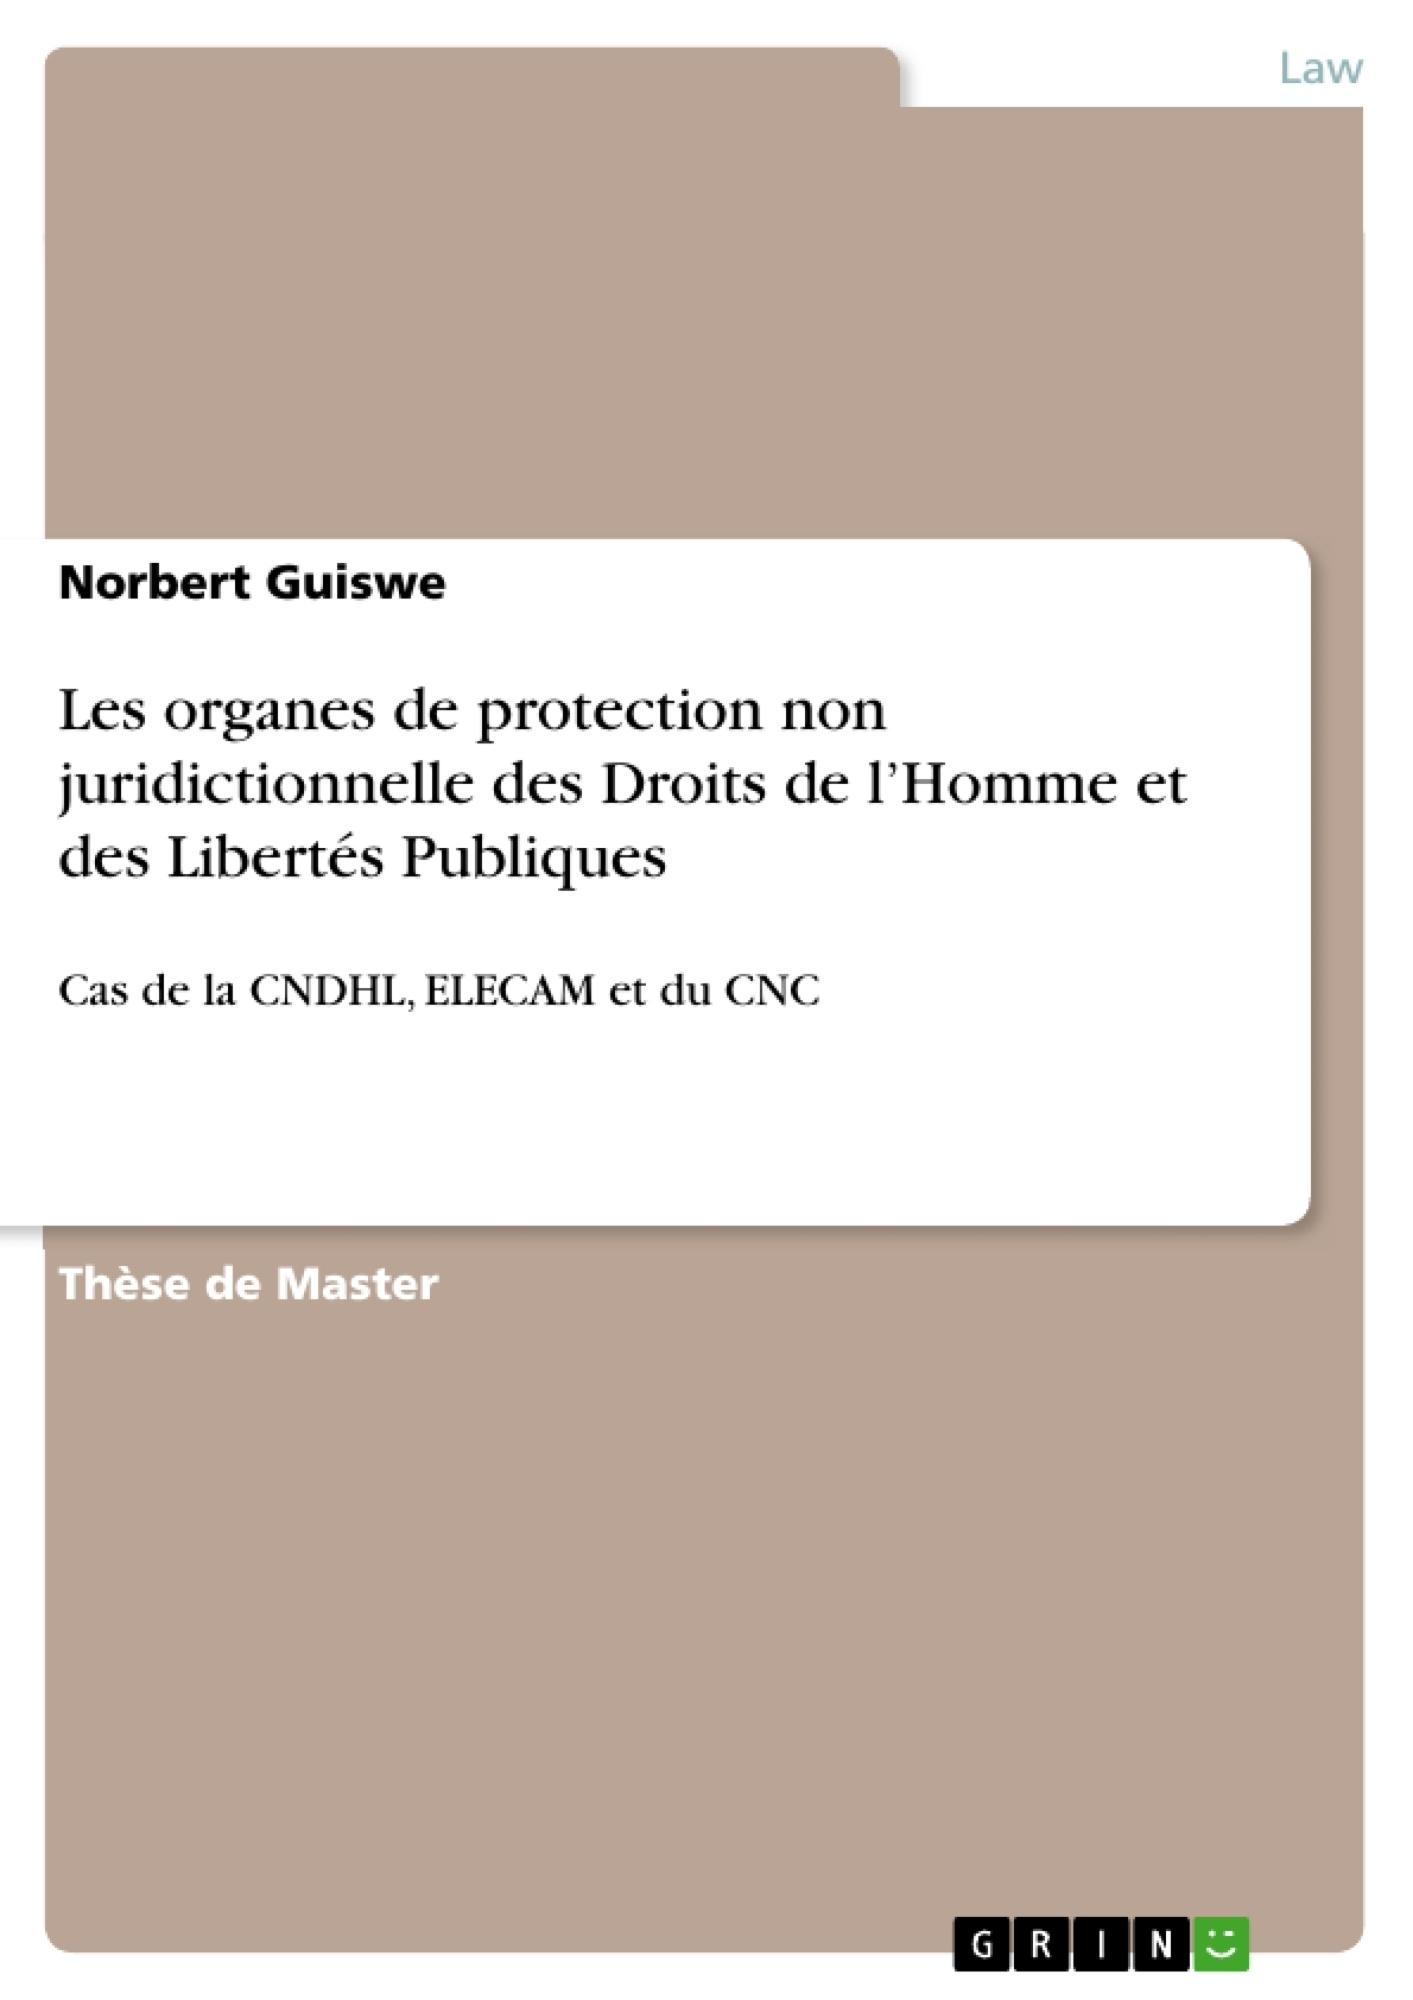 Titre: Les organes de protection non juridictionnelle des Droits de l'Homme et des Libertés Publiques en droit camerounais